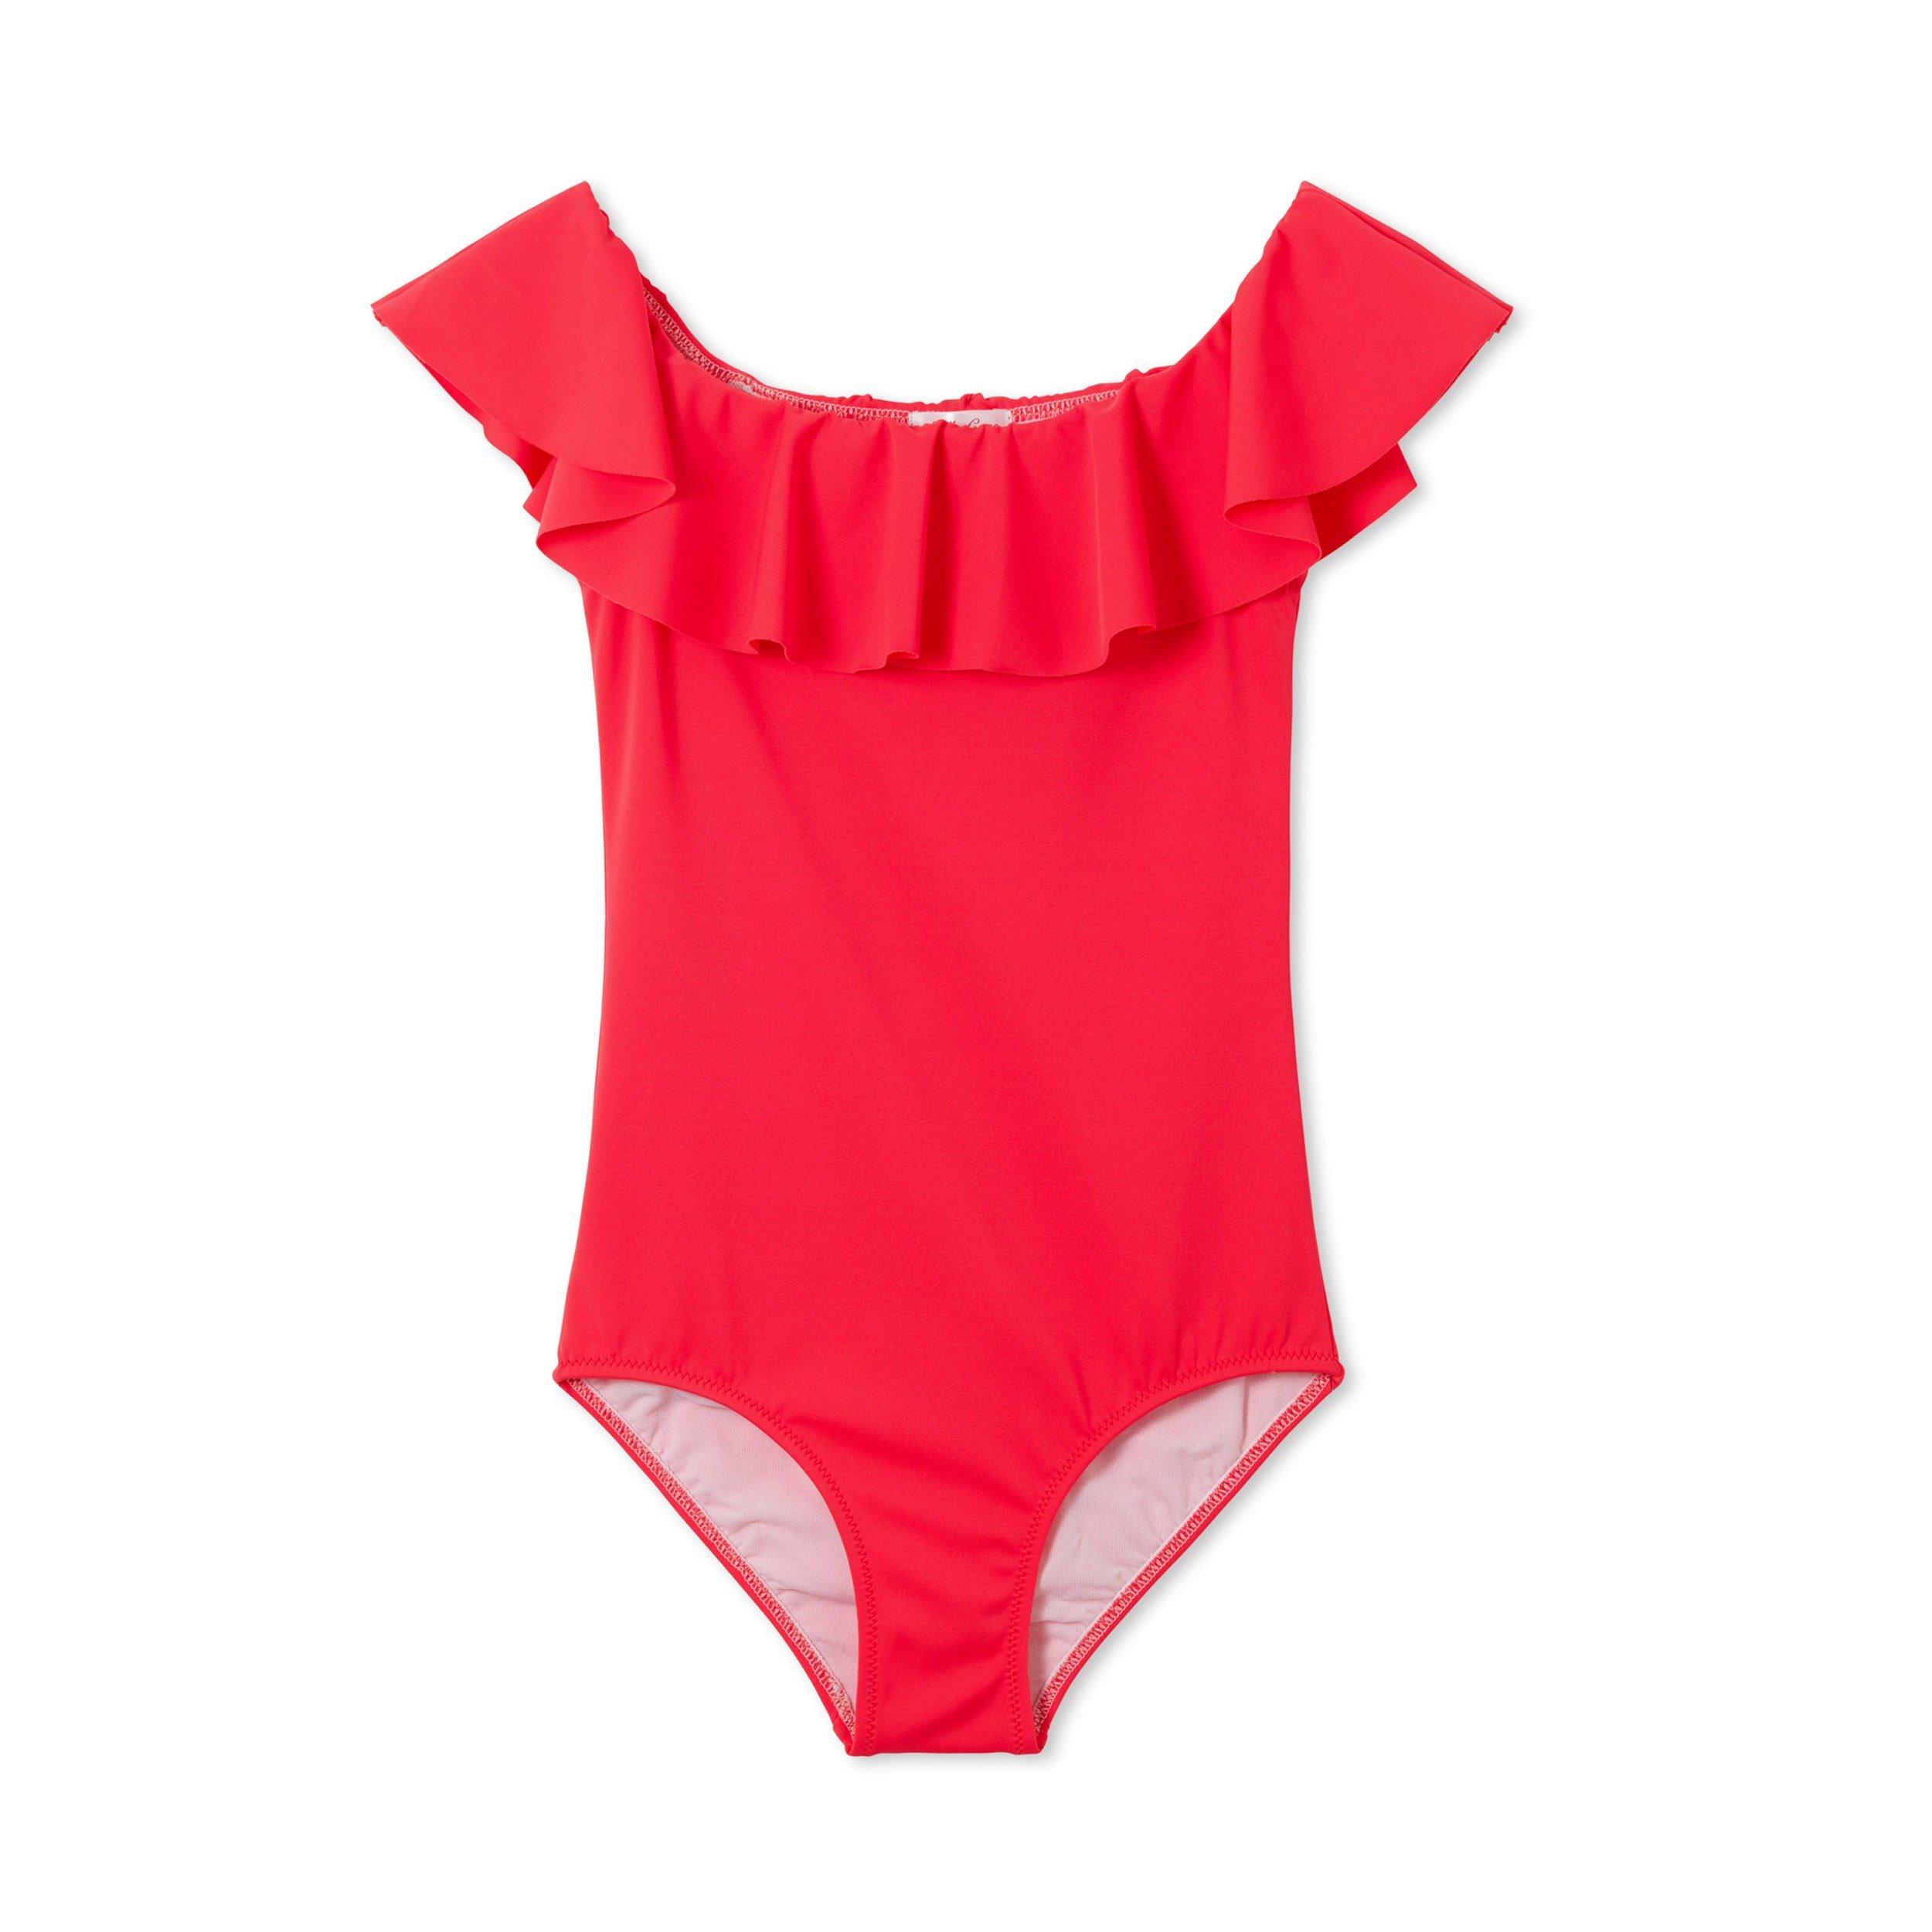 90feb8e6156ac Girls Red Swimsuit - RedGirls - Flying Point Surf